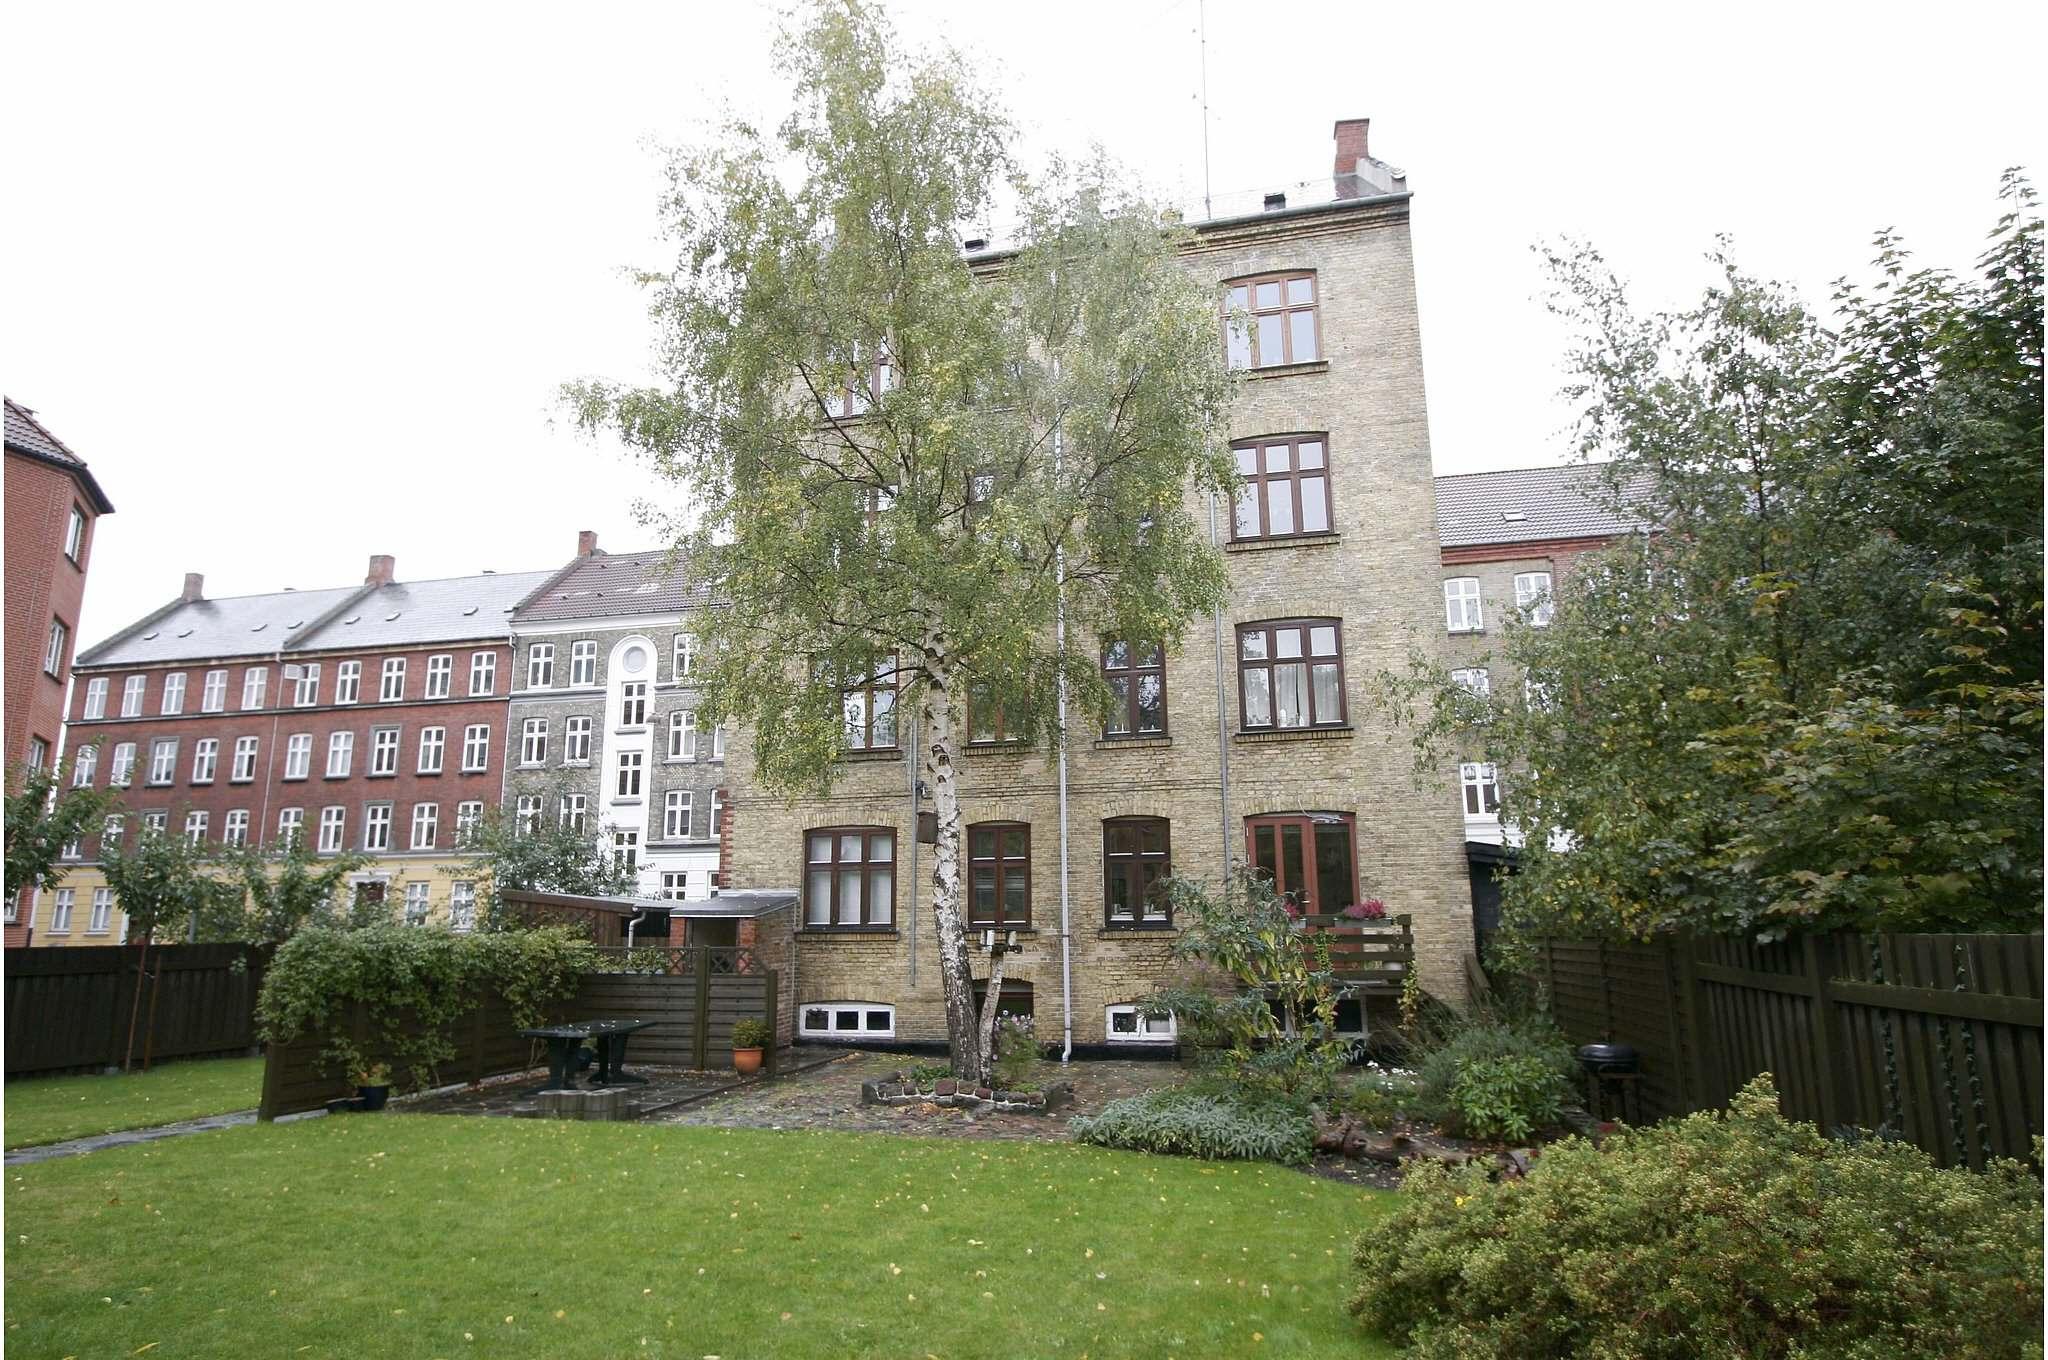 Huset set fra haven   Lejligheden er oprindelig en 2-værelses på ca. 45 m2 med et mindre køkken og soveværelse vent mod haven. Stuen mod gaden. Efter ombygning flyttes soveværelse mod gaden og der skabes et stort køkken/opholdsrum mod haven ved nedtagning af væg.